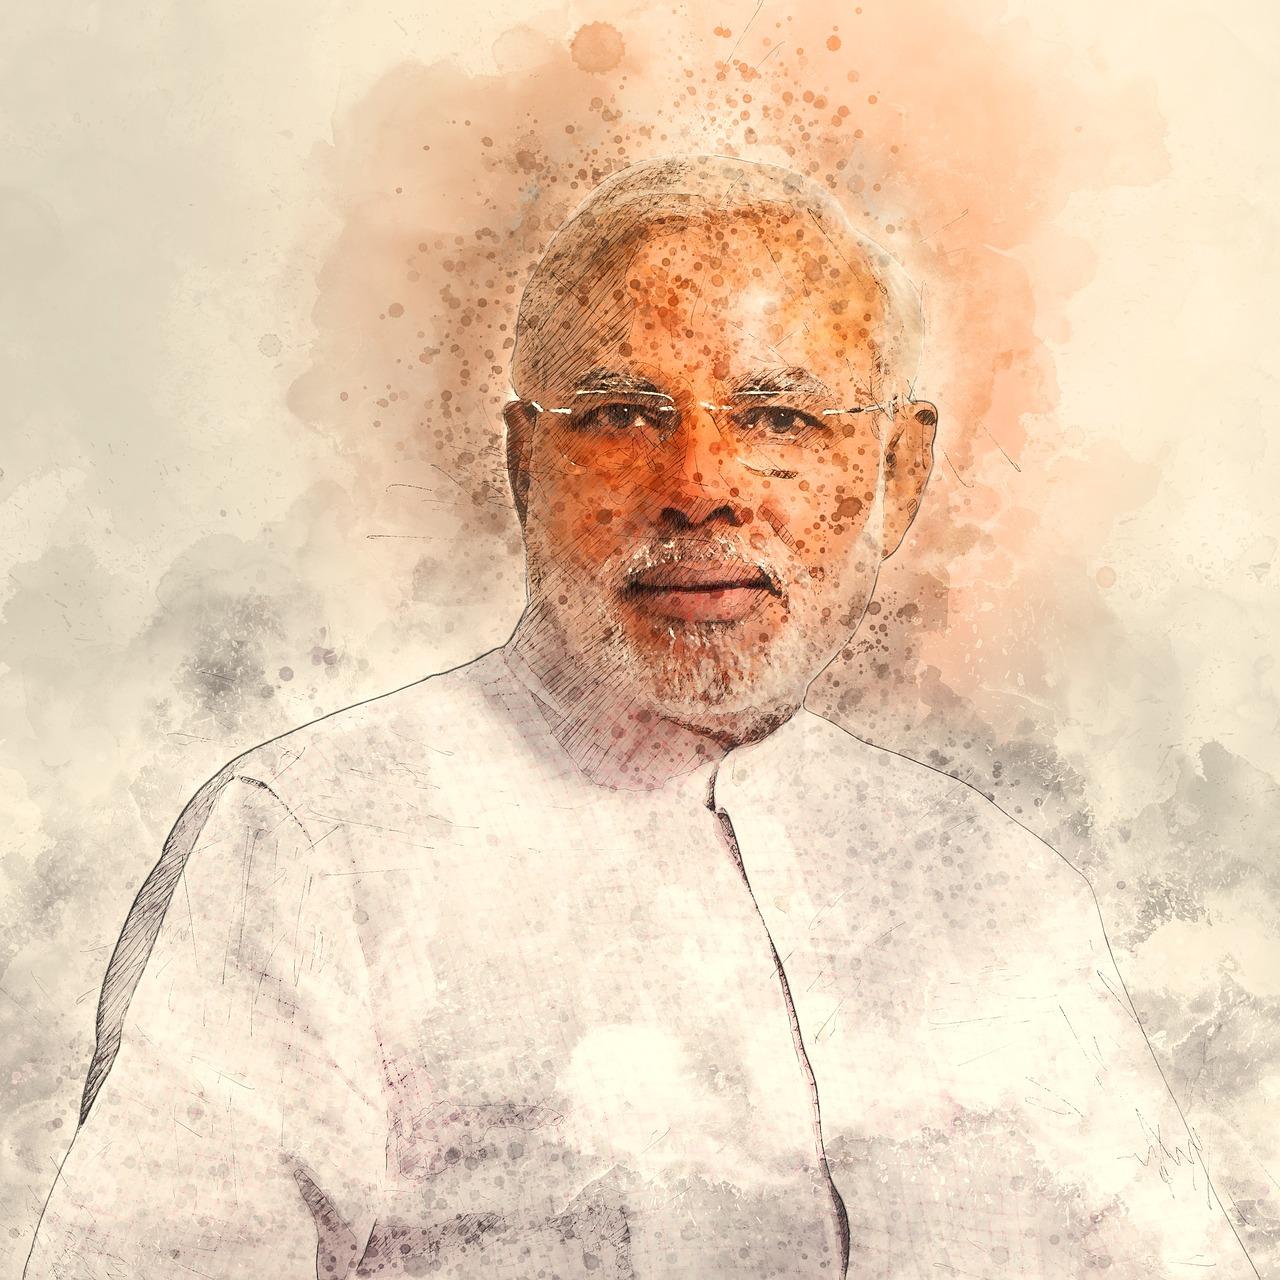 प्रधानमंत्री नरेंद्र मोदी ने गिनाई एक साल की उपलब्धियां